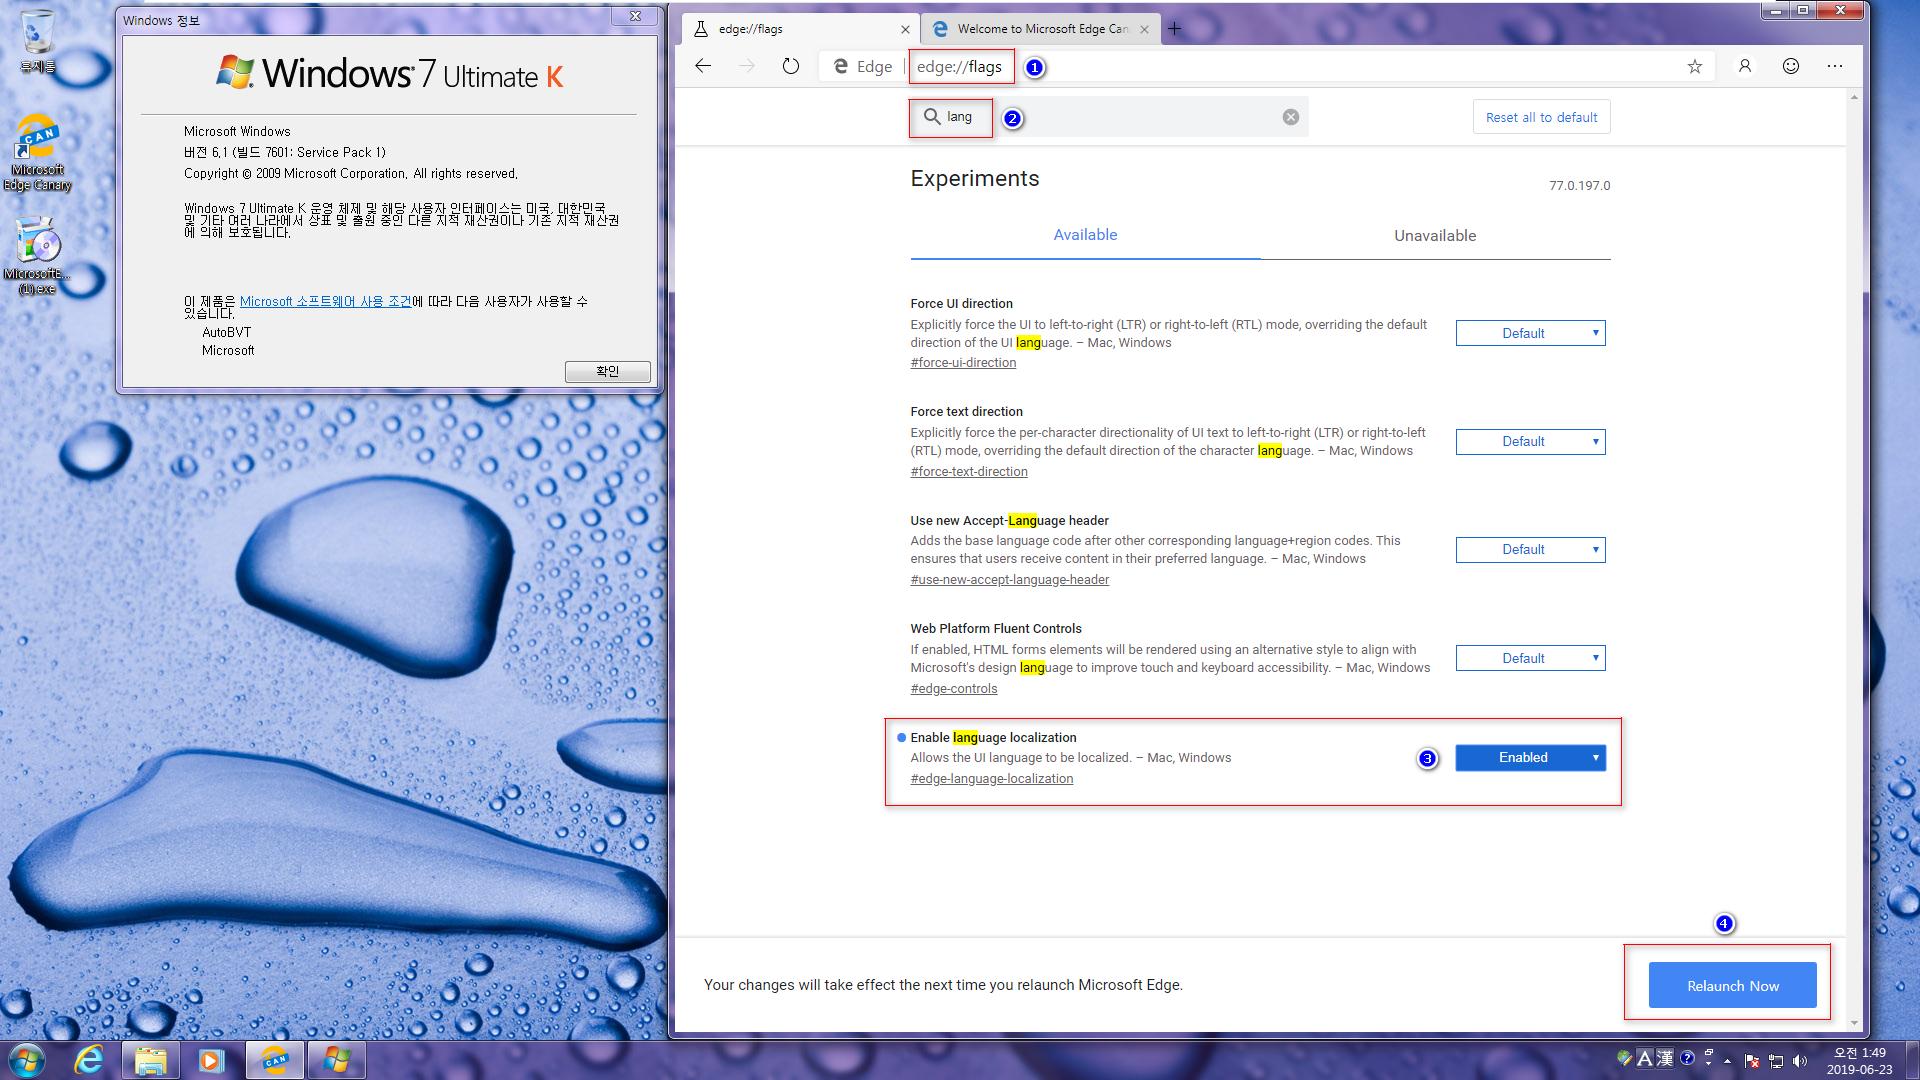 크로미엄 기반 엣지 - 윈도7 에 버전 77.0.197.0 (공식 빌드) canary(64비트) 설치해봤습니다 - 2번째 - 한국어로 설정하기 2019-06-23_014956.png